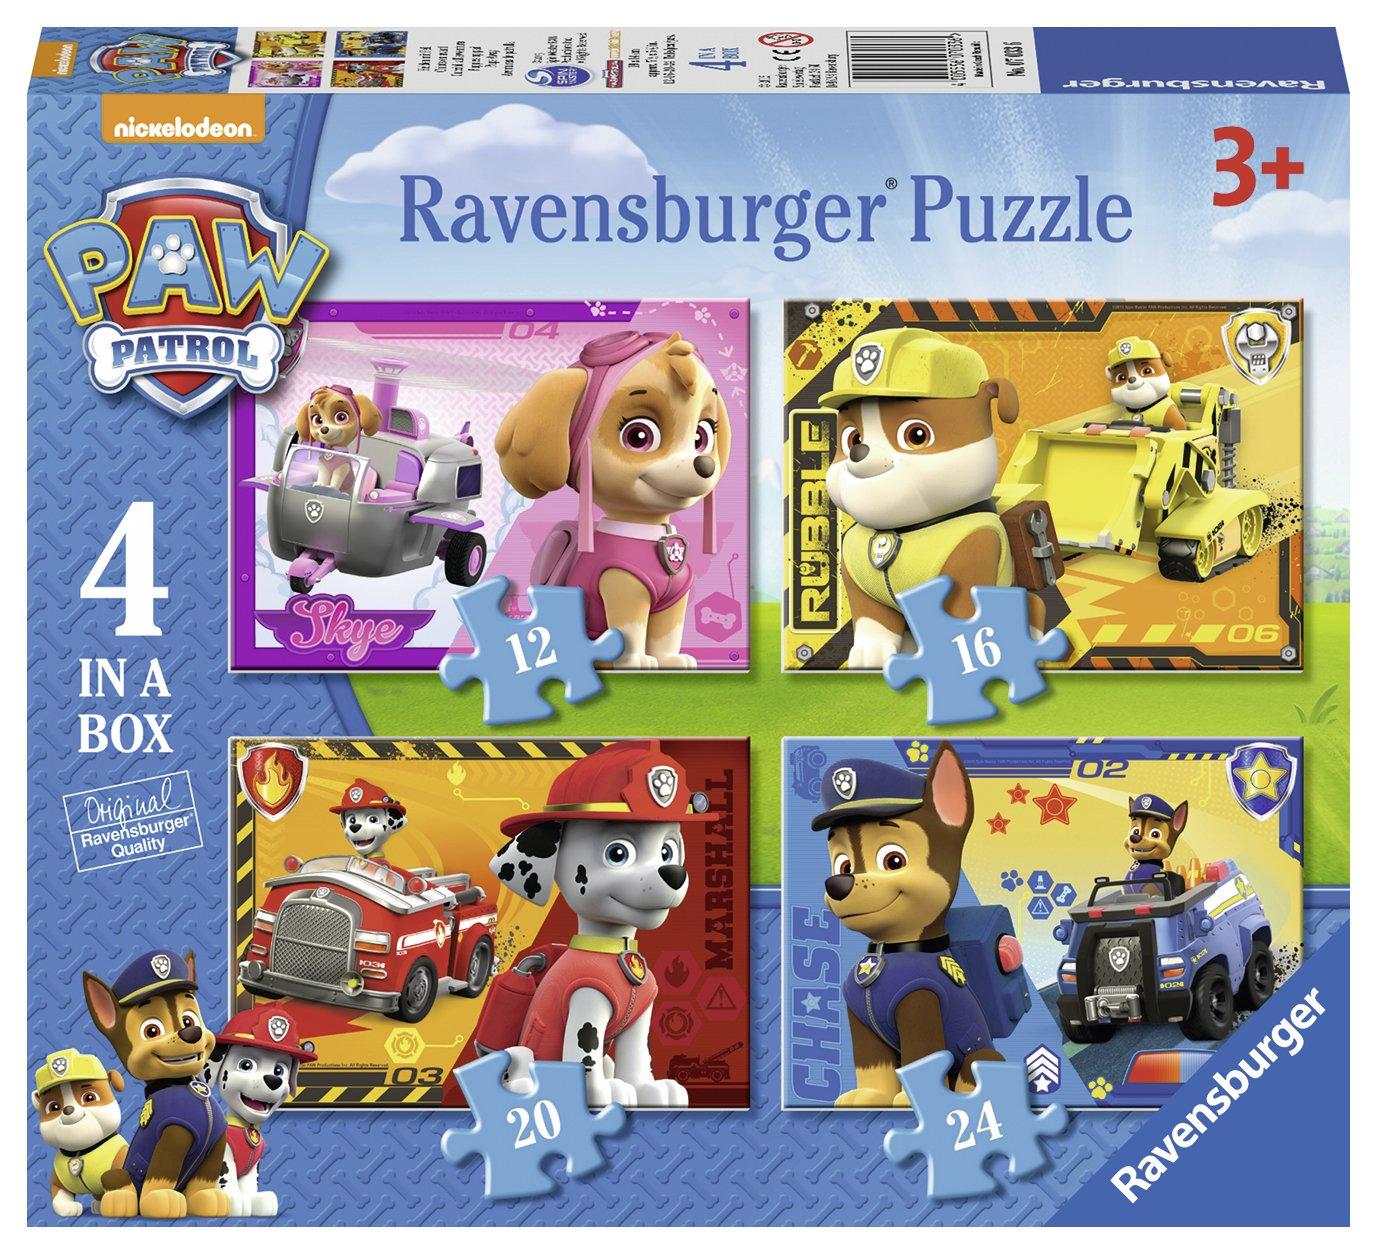 Ravensburger Paw Patrol Paquete de puzzles la caja con Paw Patrol